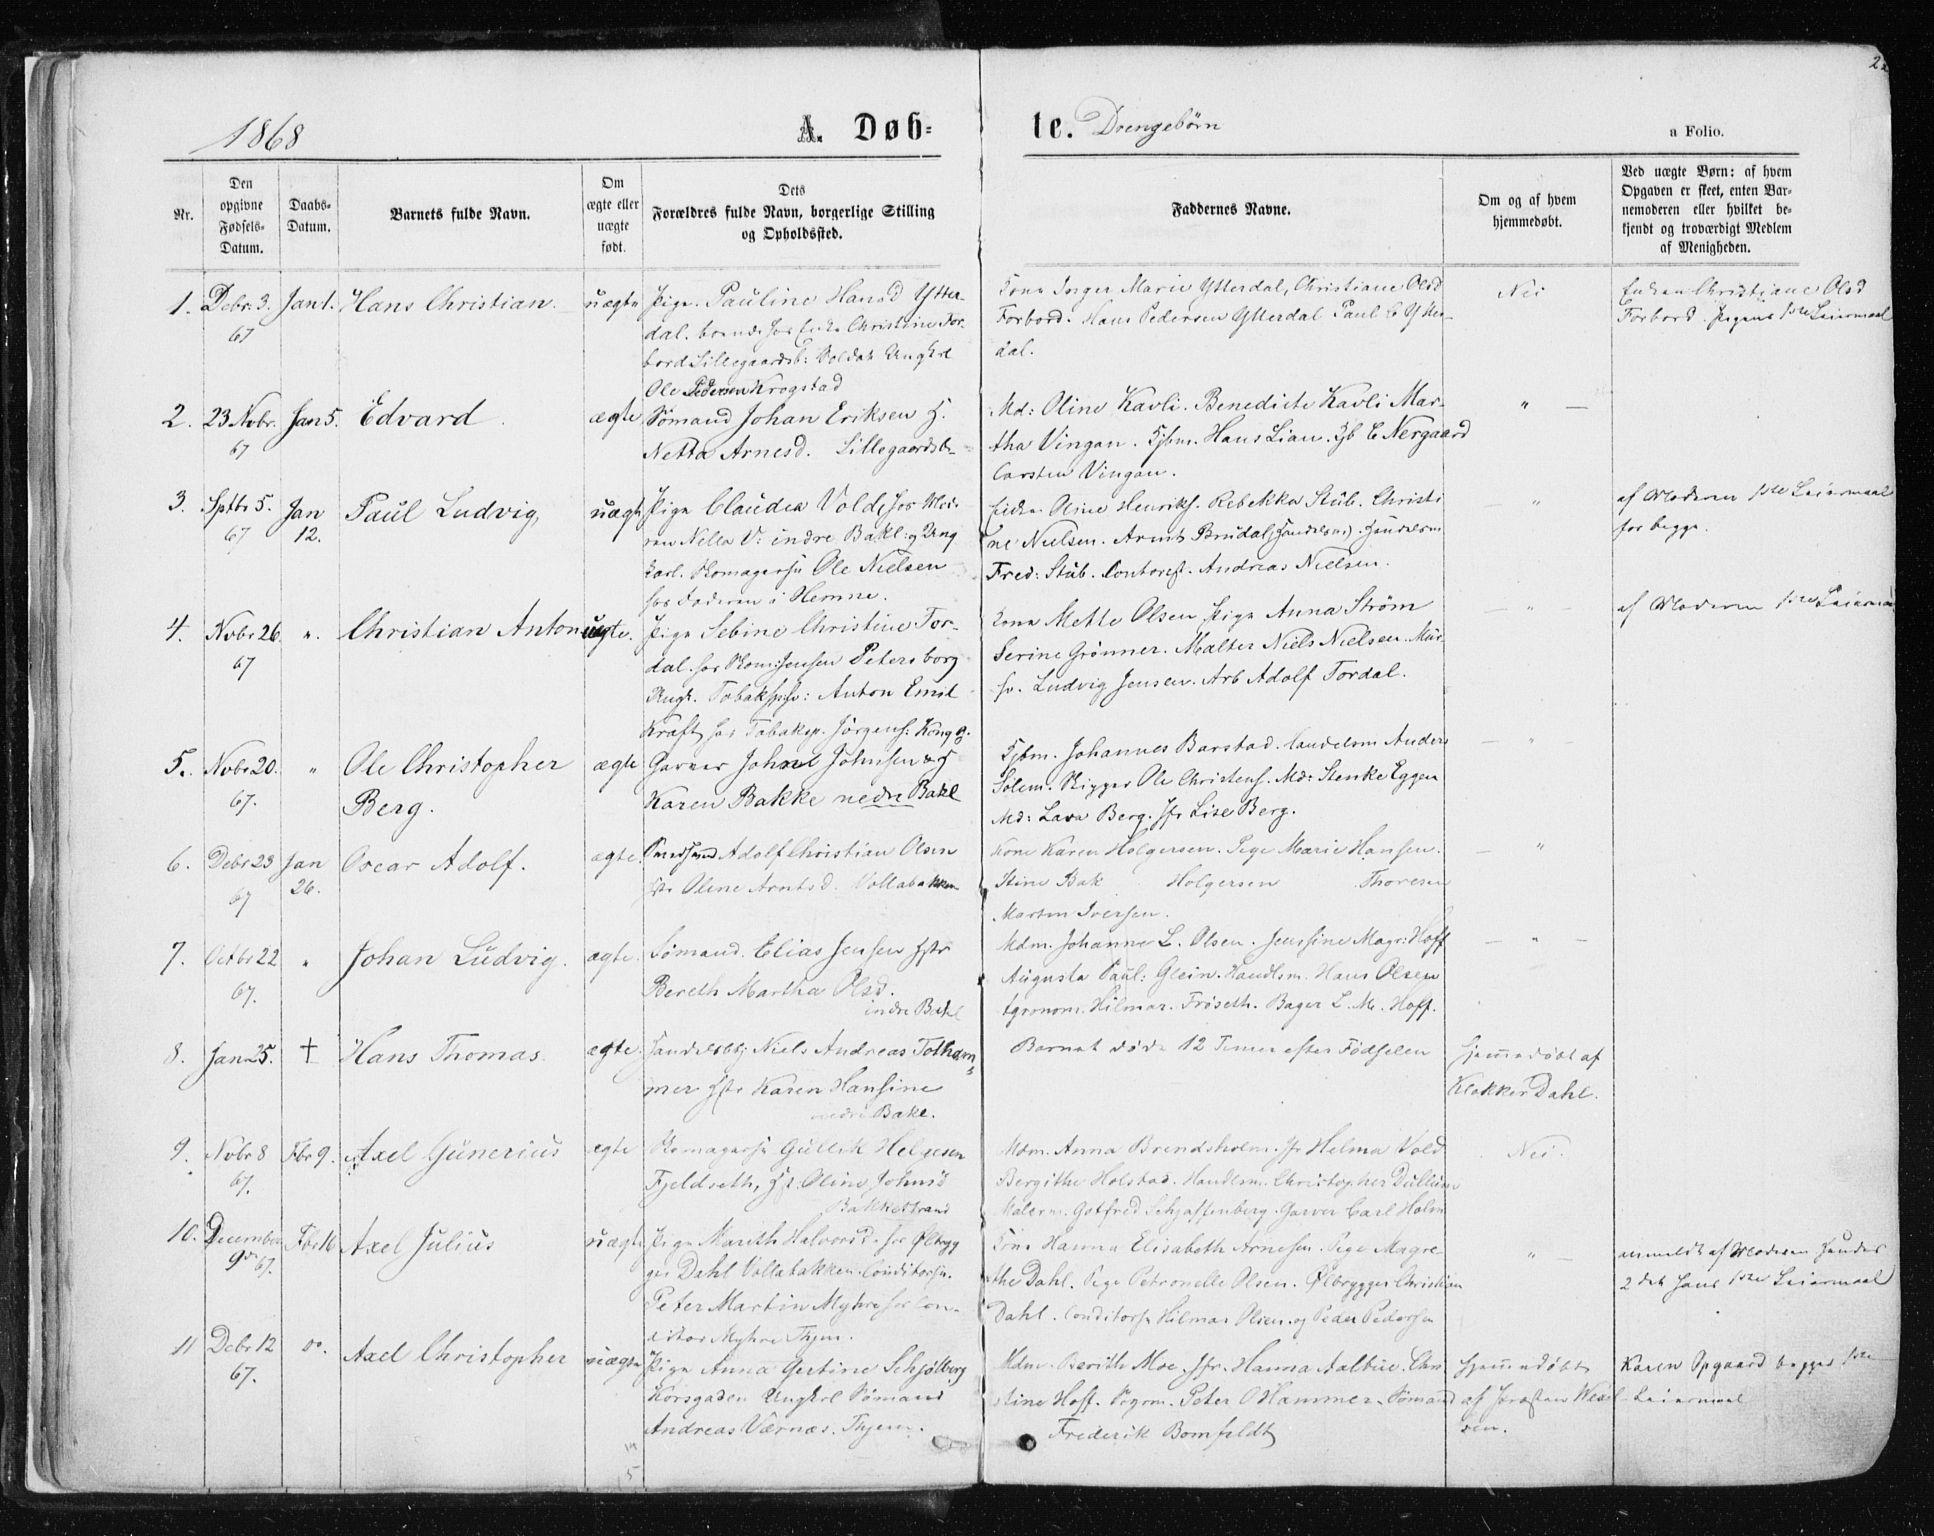 SAT, Ministerialprotokoller, klokkerbøker og fødselsregistre - Sør-Trøndelag, 604/L0186: Ministerialbok nr. 604A07, 1866-1877, s. 22